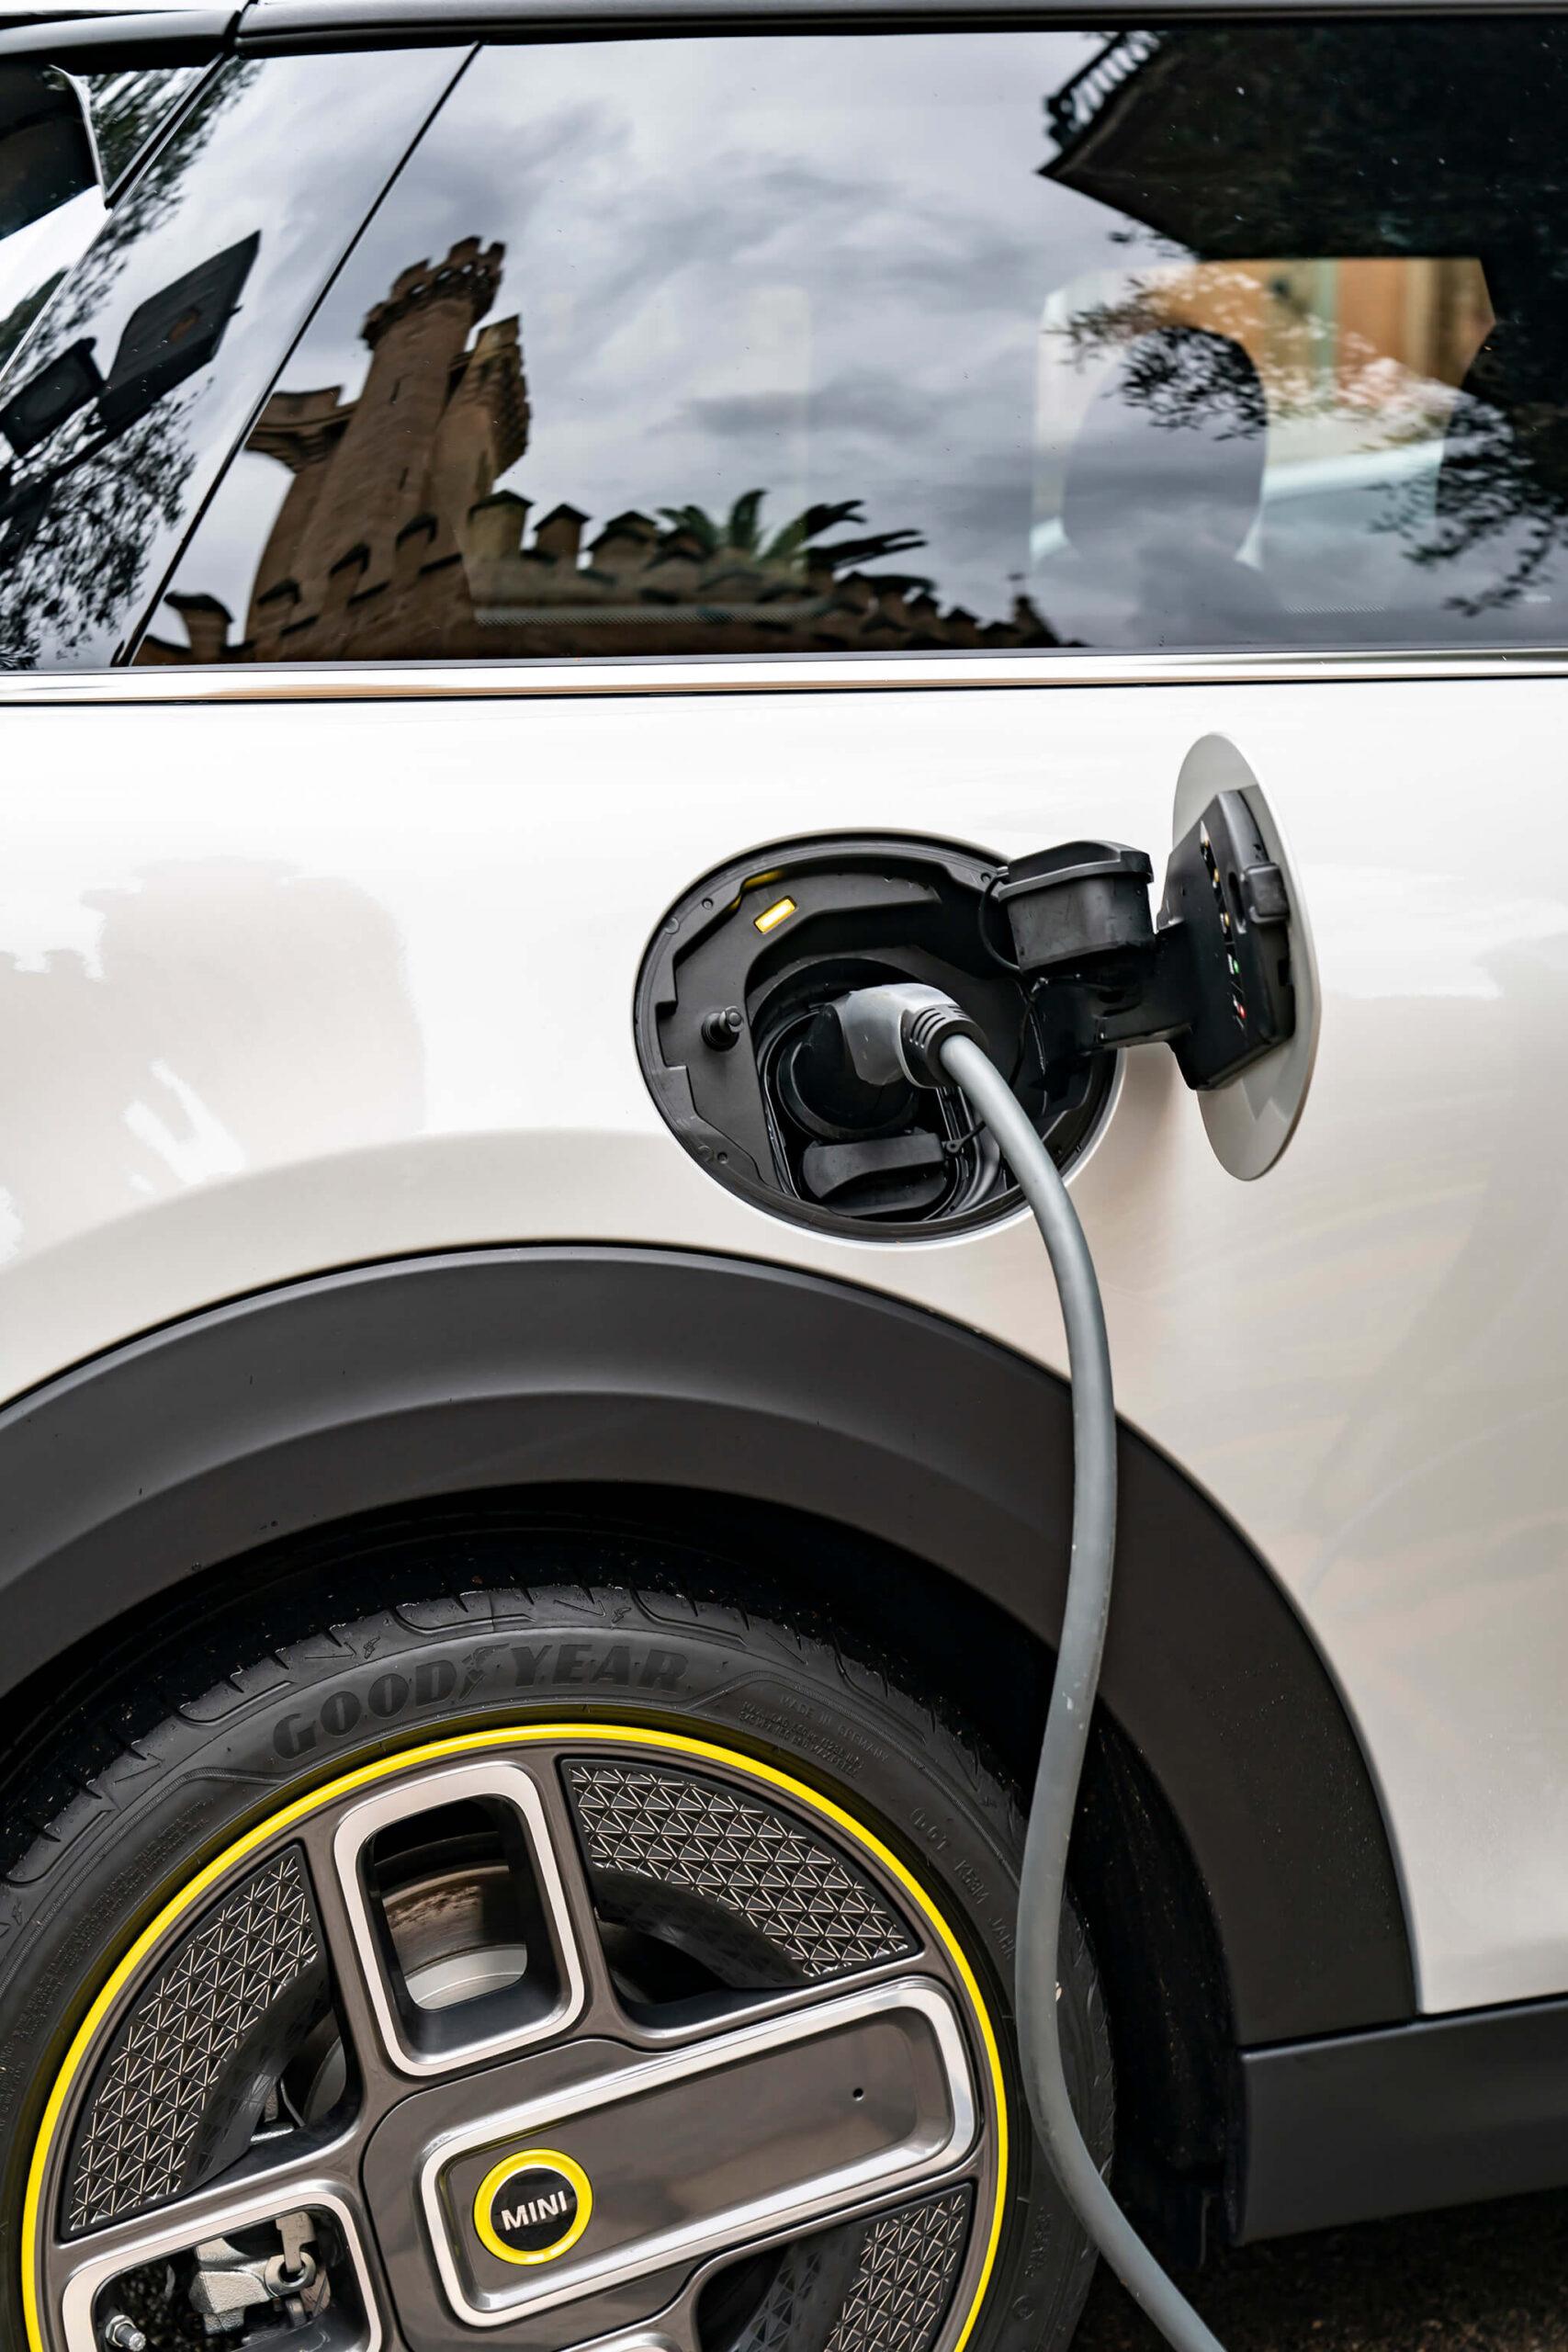 MINI Electric carregar